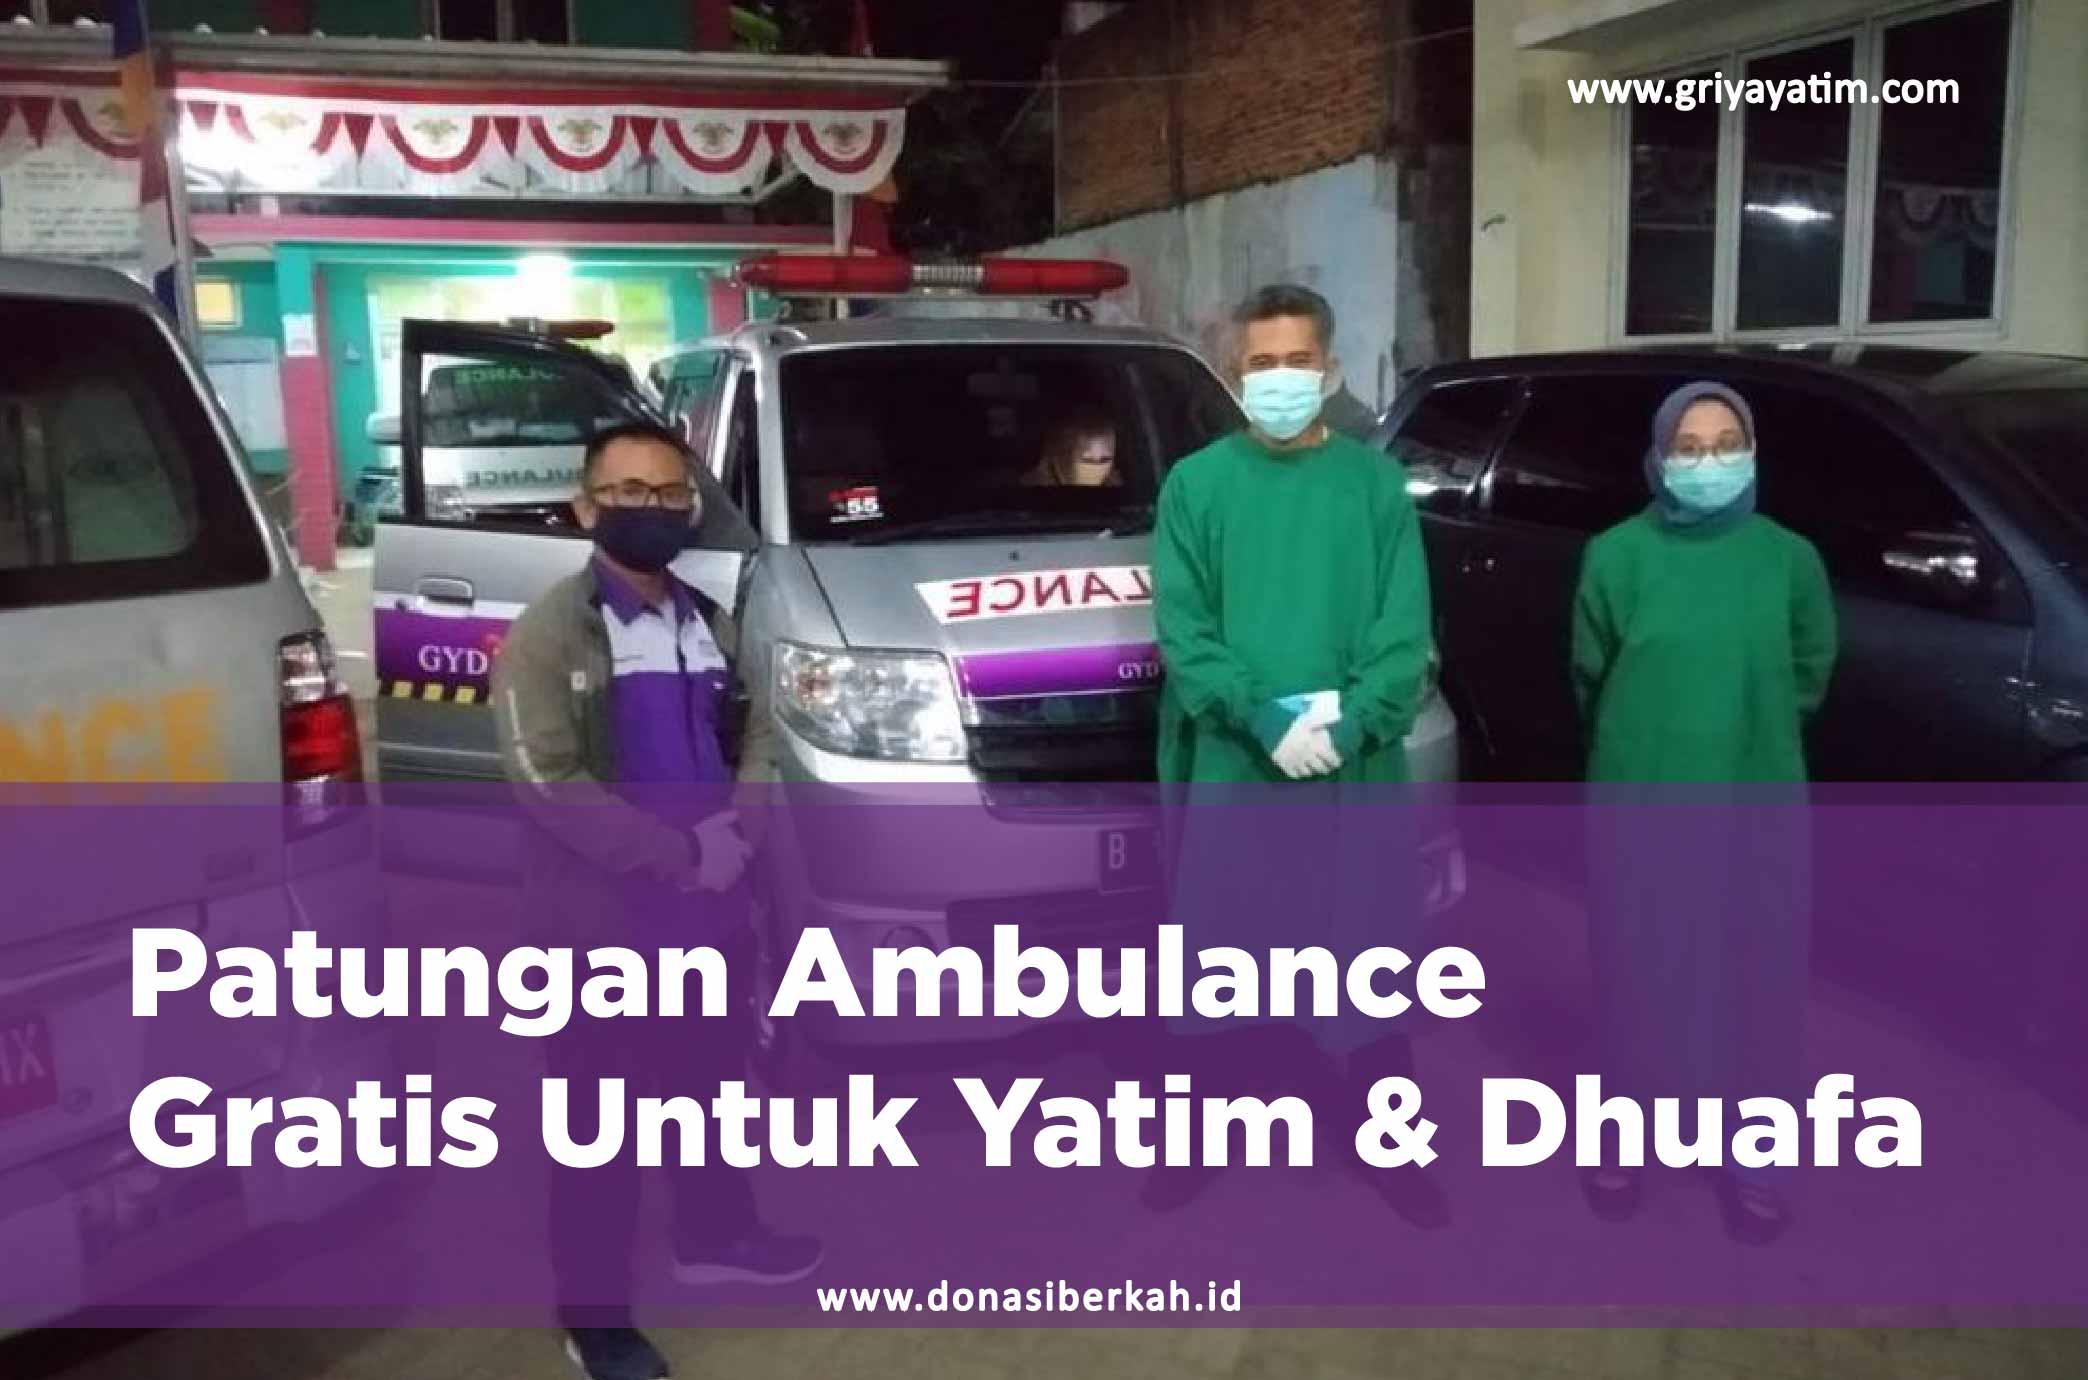 Patungan Ambulance Gratis Untuk Yatim & Dhuafa